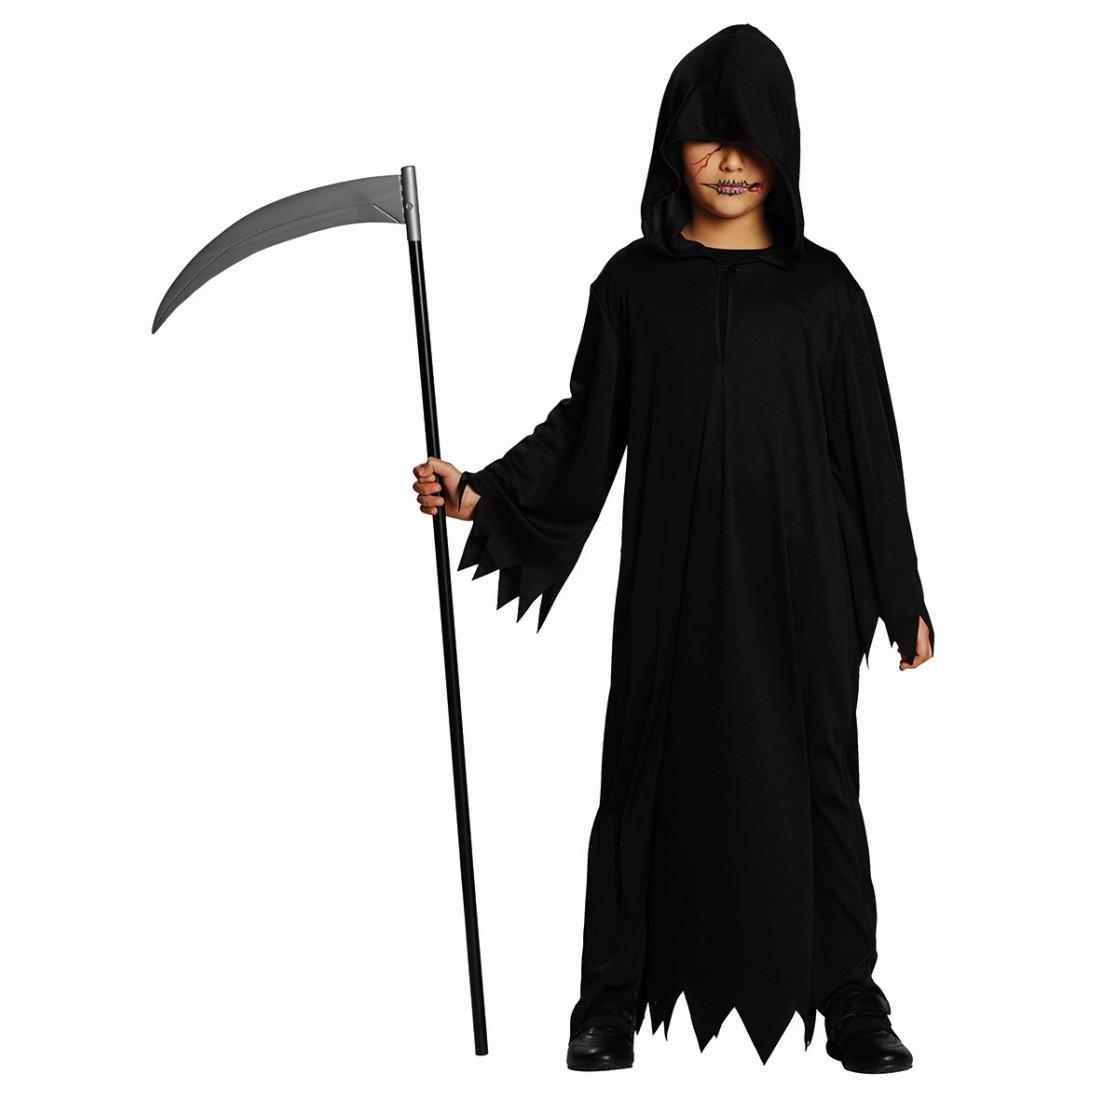 Halloween Gewand Kinder Schwarze Kutte Sensenmann Kostüm Geist